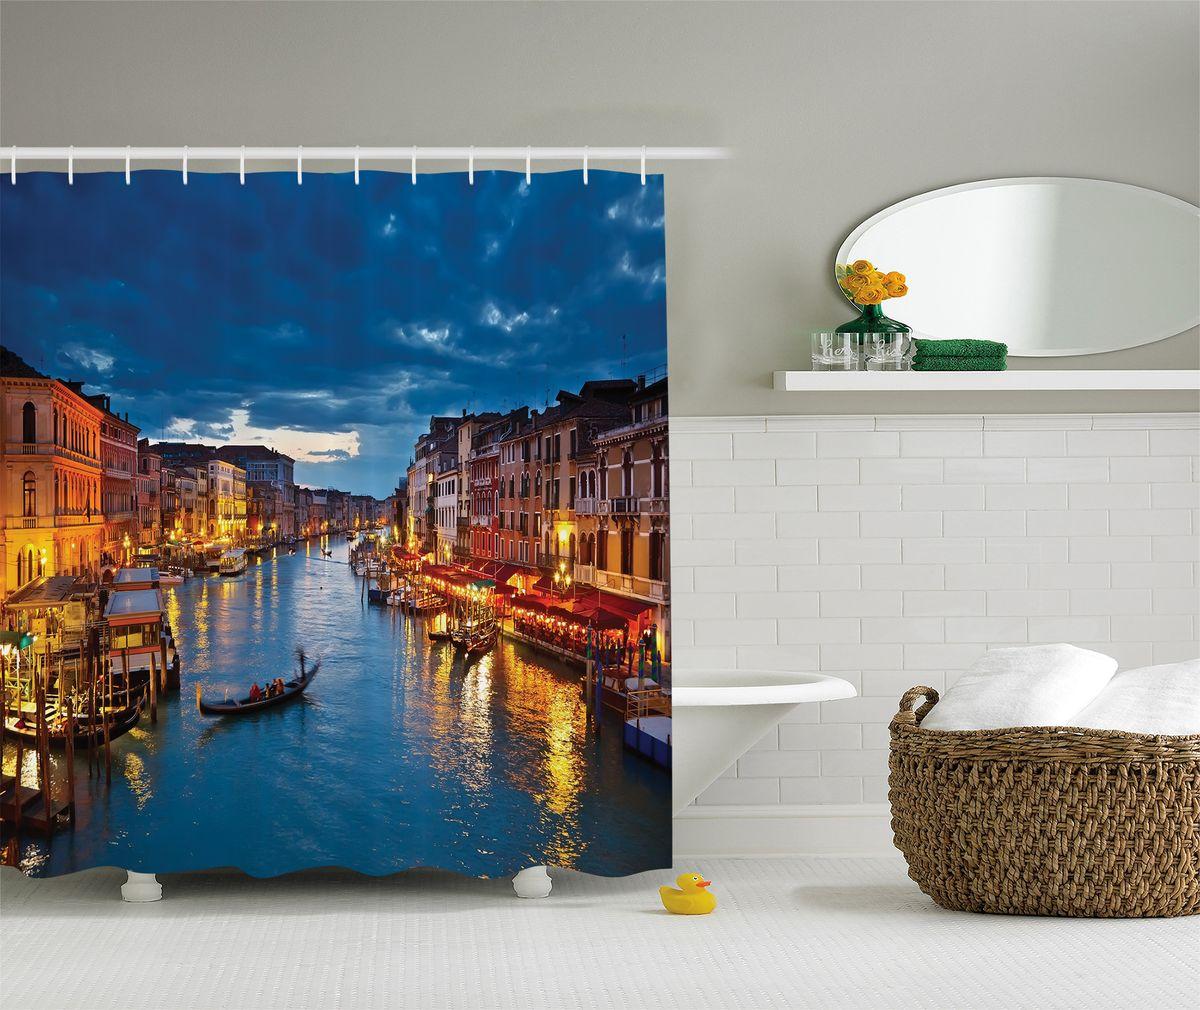 Штора для ванной комнаты Magic Lady Вечерняя Венеция, 180 х 200 см391602Штора Magic Lady Вечерняя Венеция, изготовленная из высококачественного сатена (полиэстер 100%), отлично дополнит любой интерьер ванной комнаты. При изготовлении используются специальные гипоаллергенные чернила для прямой печати по ткани, безопасные для человека.В комплекте: 1 штора, 12 крючков. Обращаем ваше внимание, фактический цвет изделия может незначительно отличаться от представленного на фото.